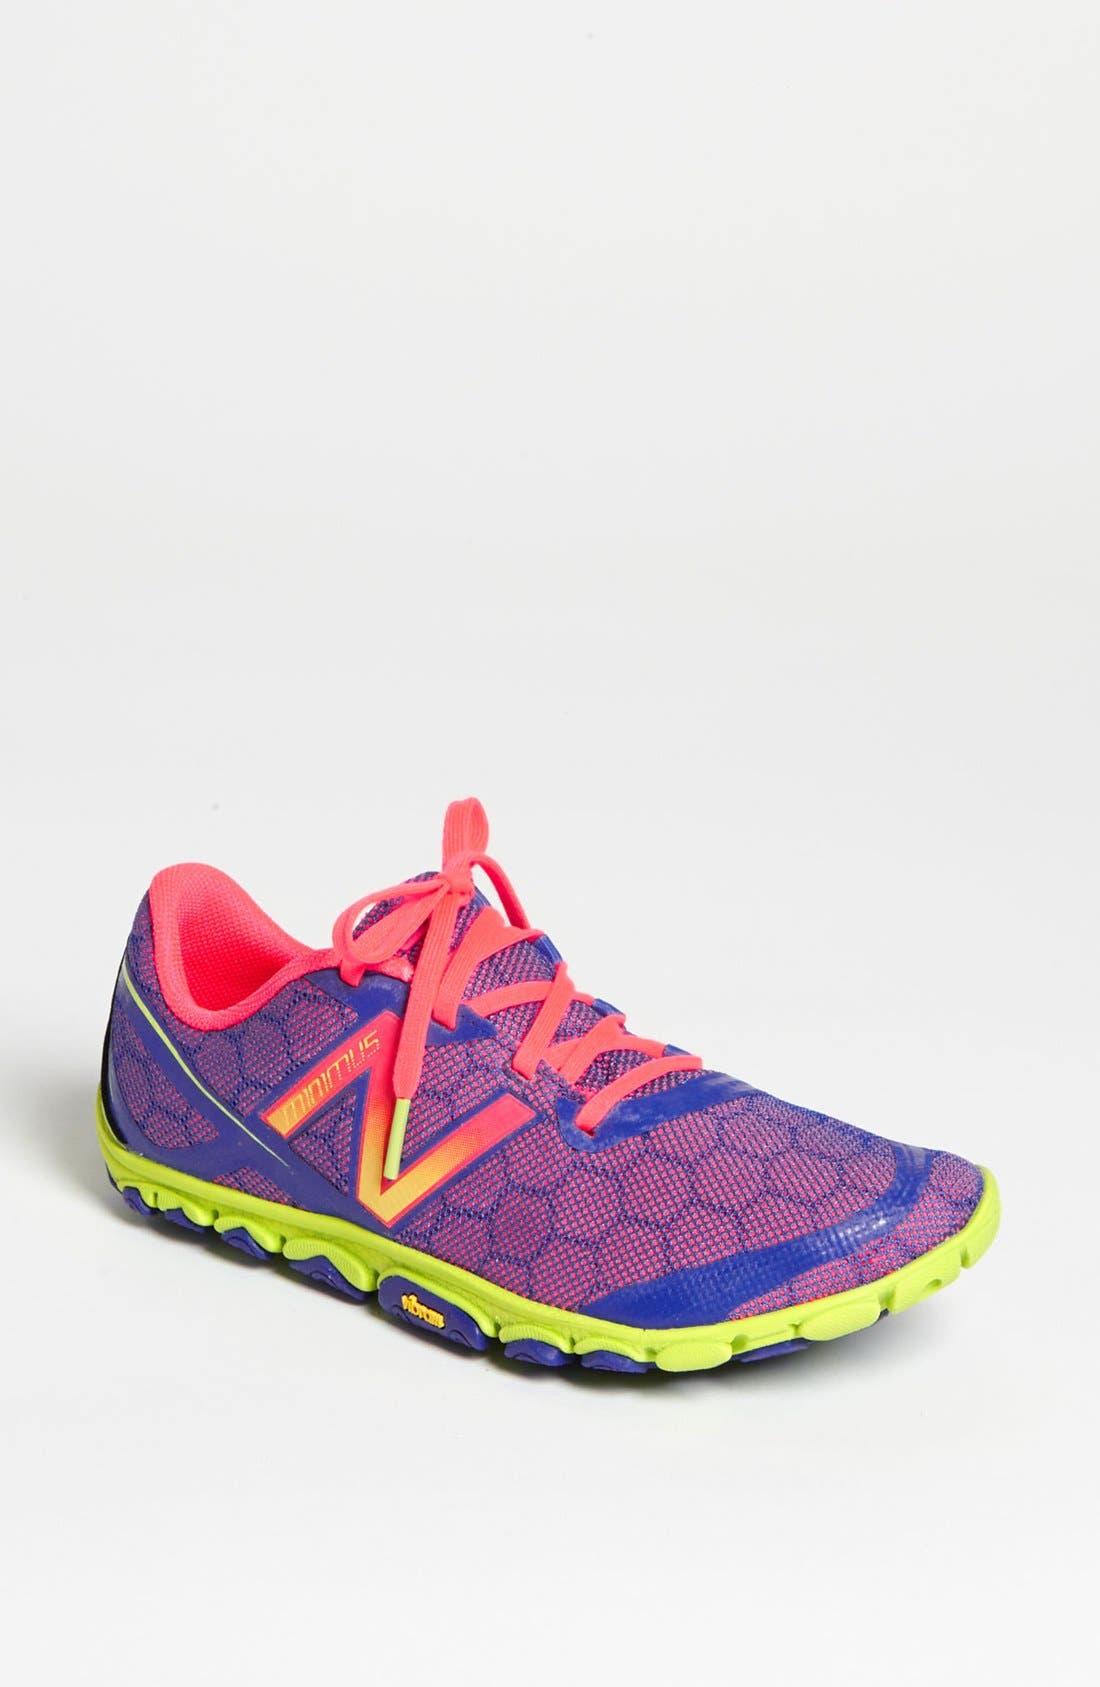 Main Image - New Balance 'Minimus 10V2' Running Shoe (Women)